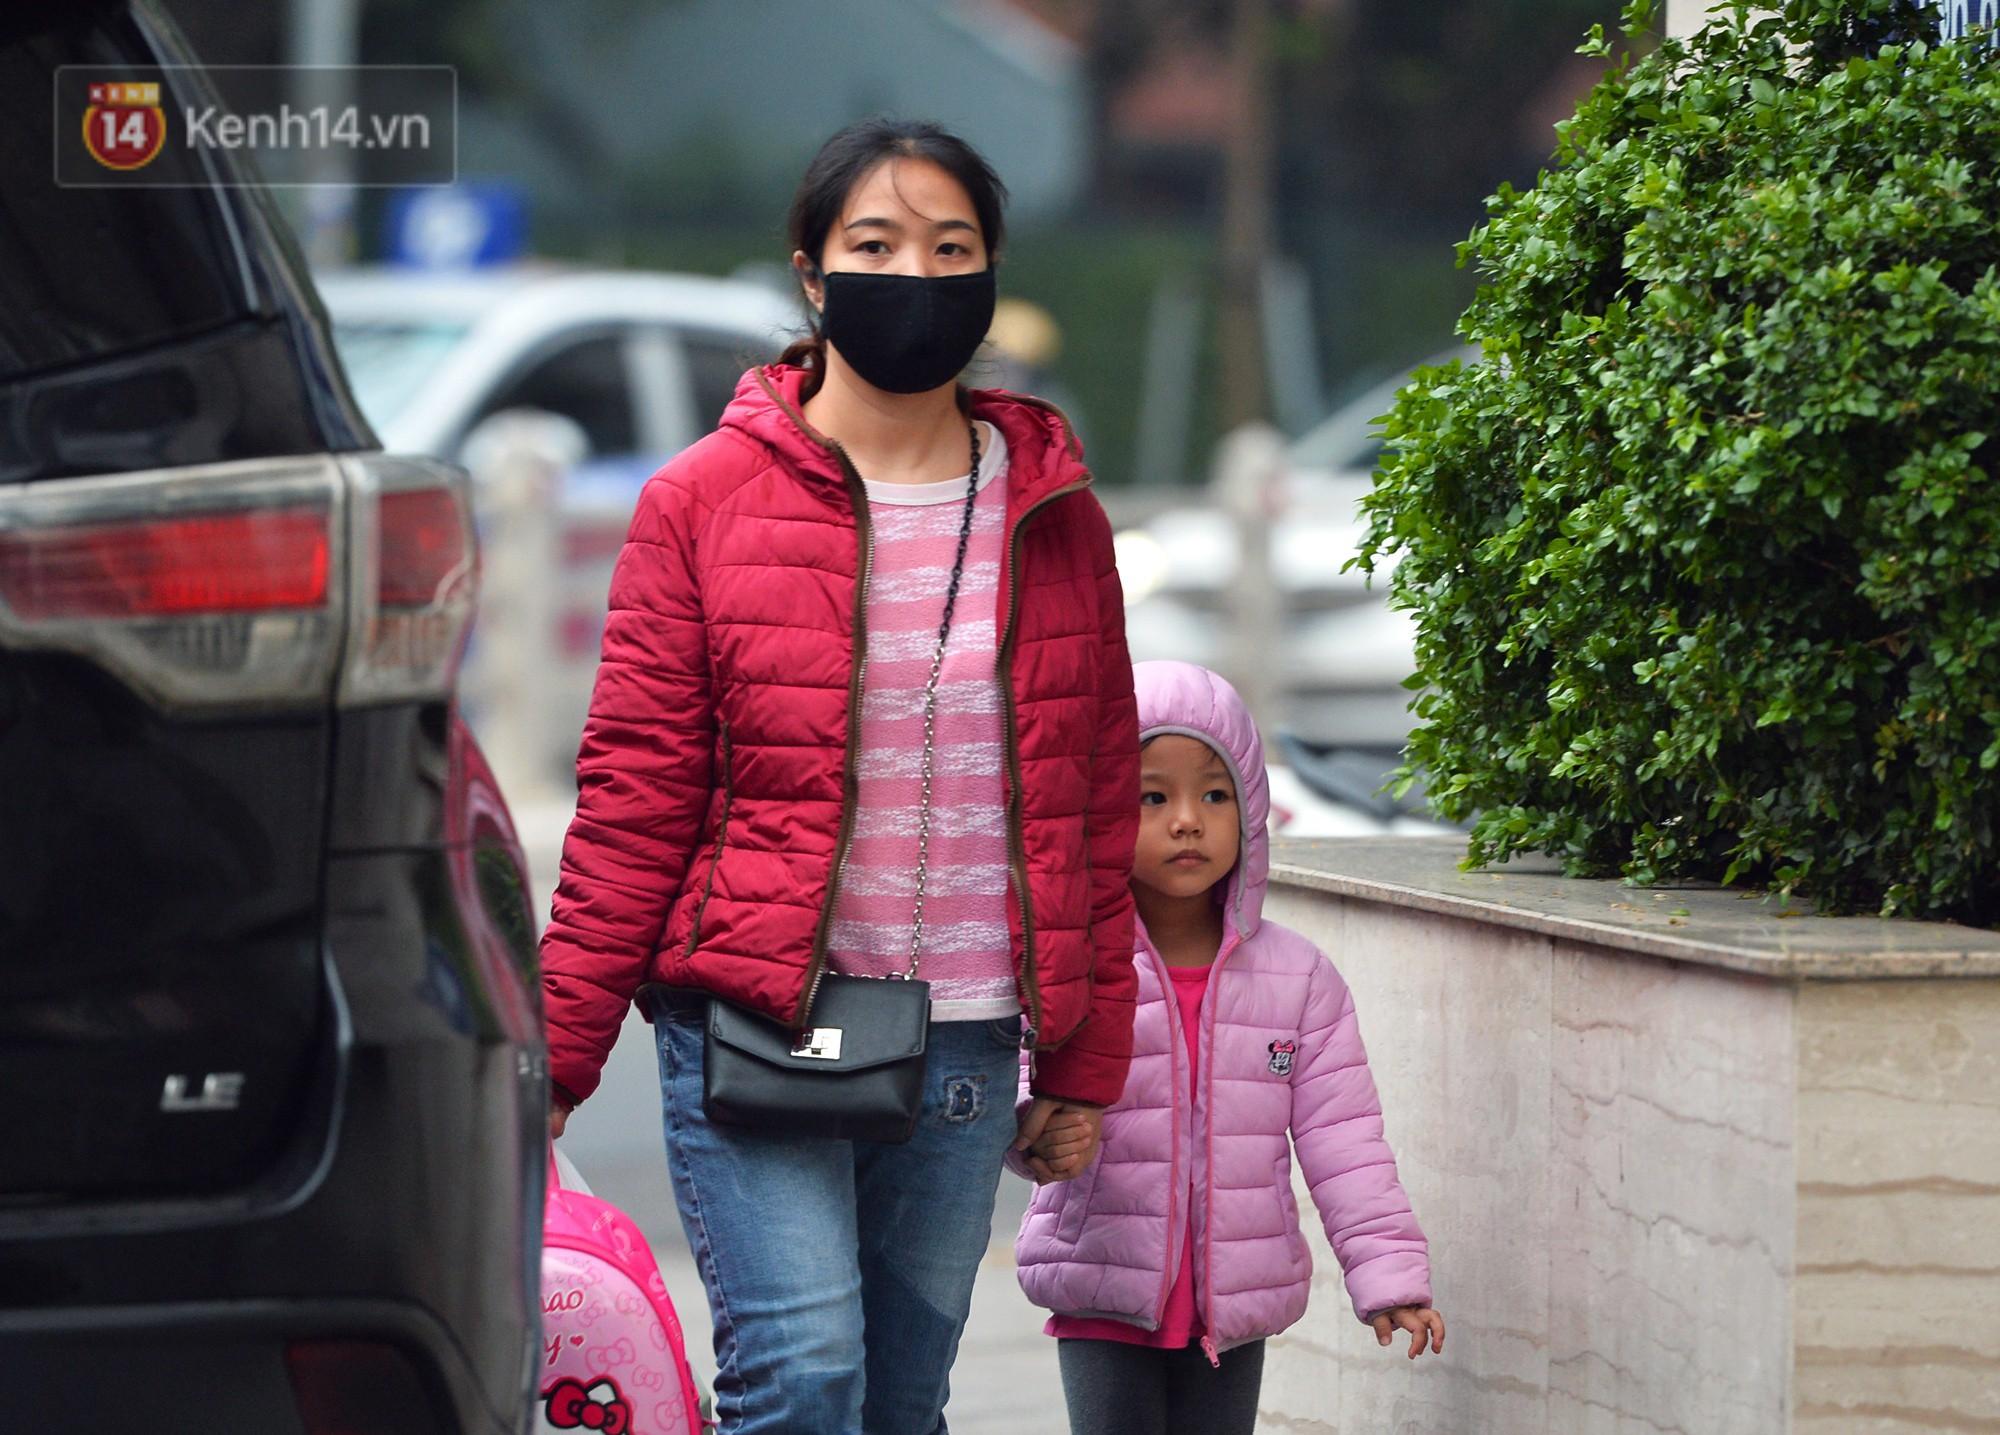 Chùm ảnh: Hà Nội giảm nhiệt độ, người mặc áo khoác dày, người quần đùi áo cộc xuống phố - Ảnh 2.